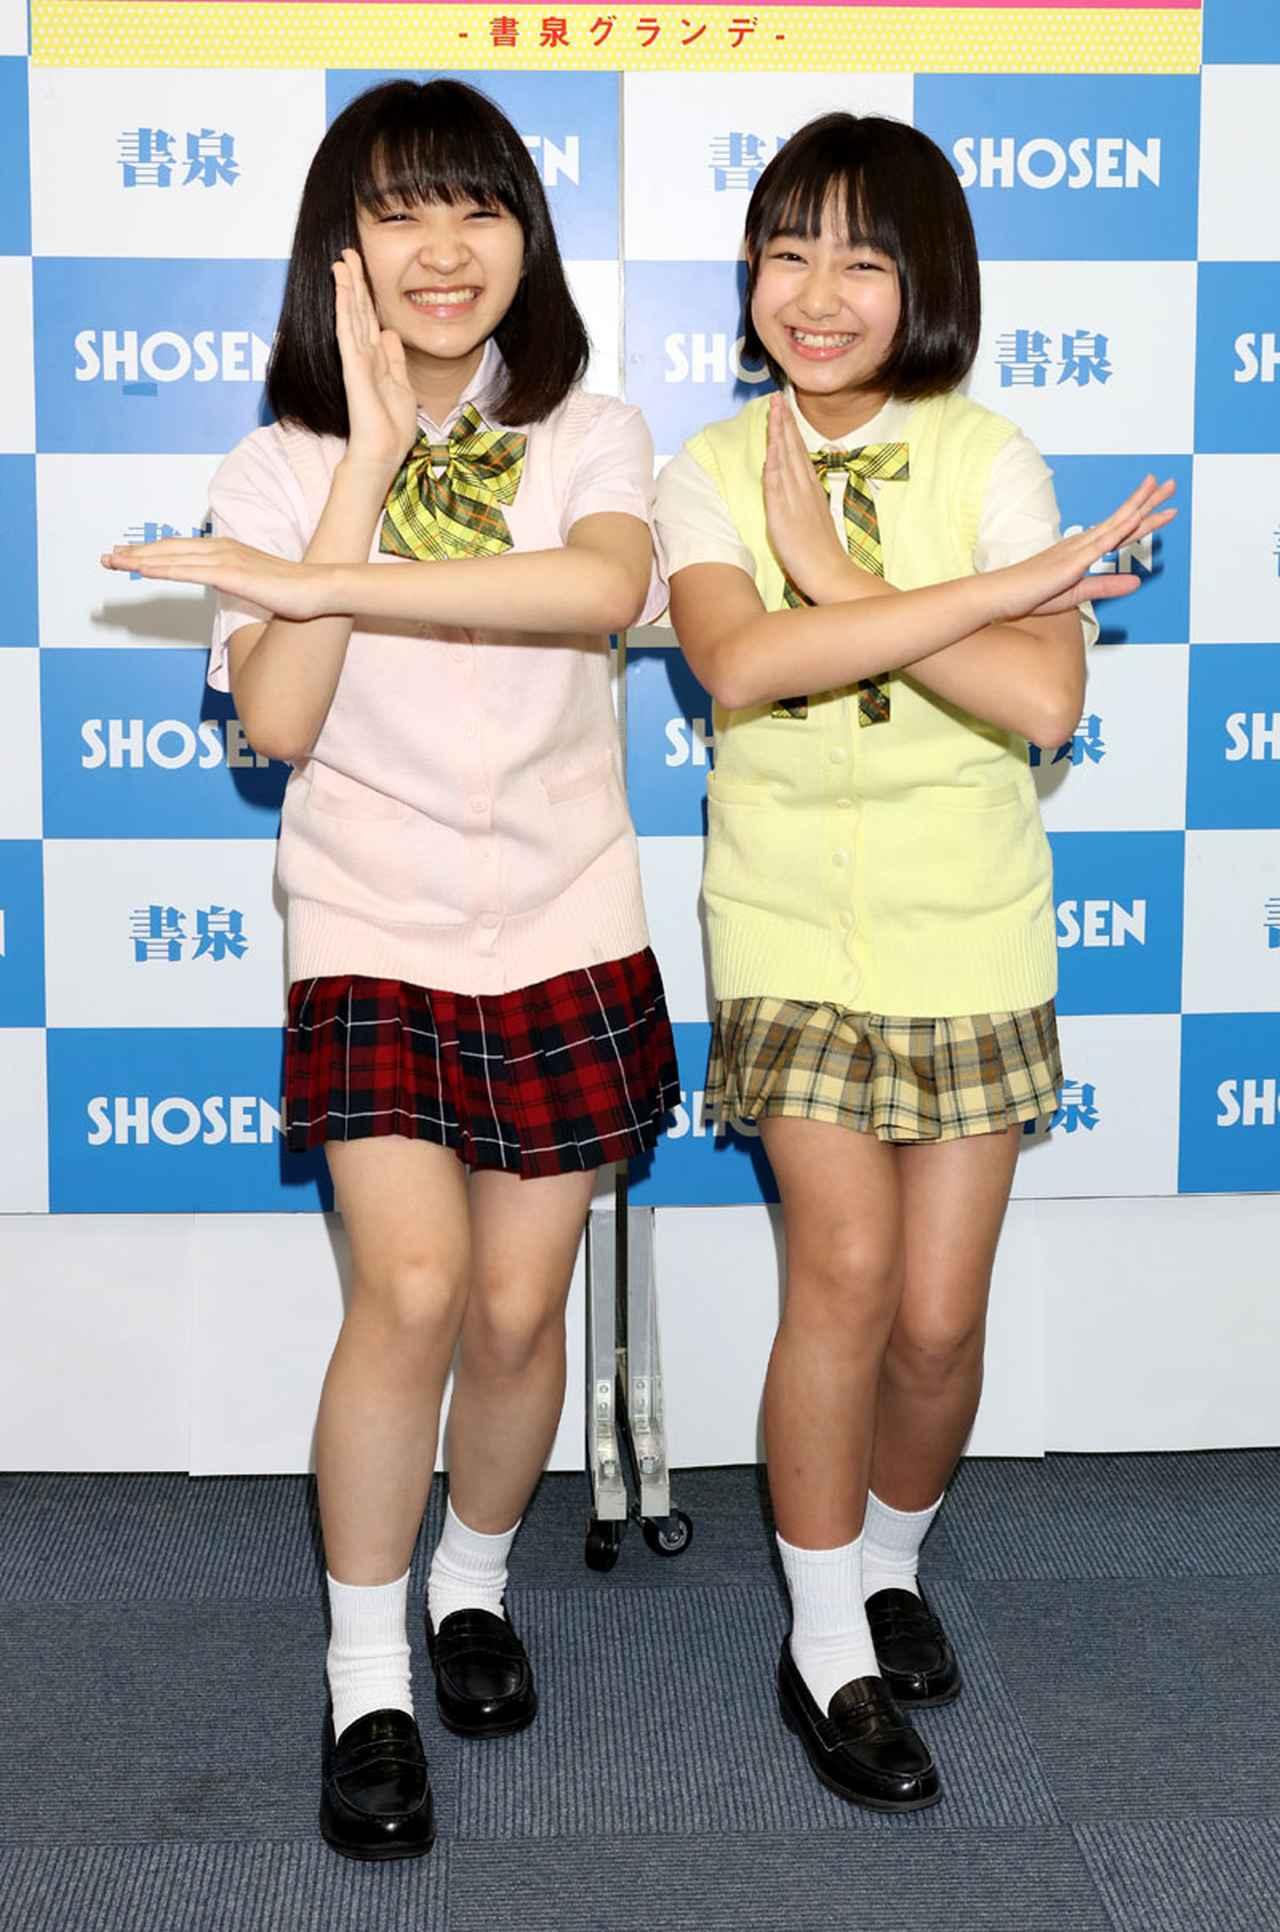 Images : 4番目の画像 - 「前野えま、本間菜穂/雑誌「Chu-Boh」の表紙に登場!「うれしかった!」「びっくりした」。元気いっぱいのJC会見!」のアルバム - Stereo Sound ONLINE